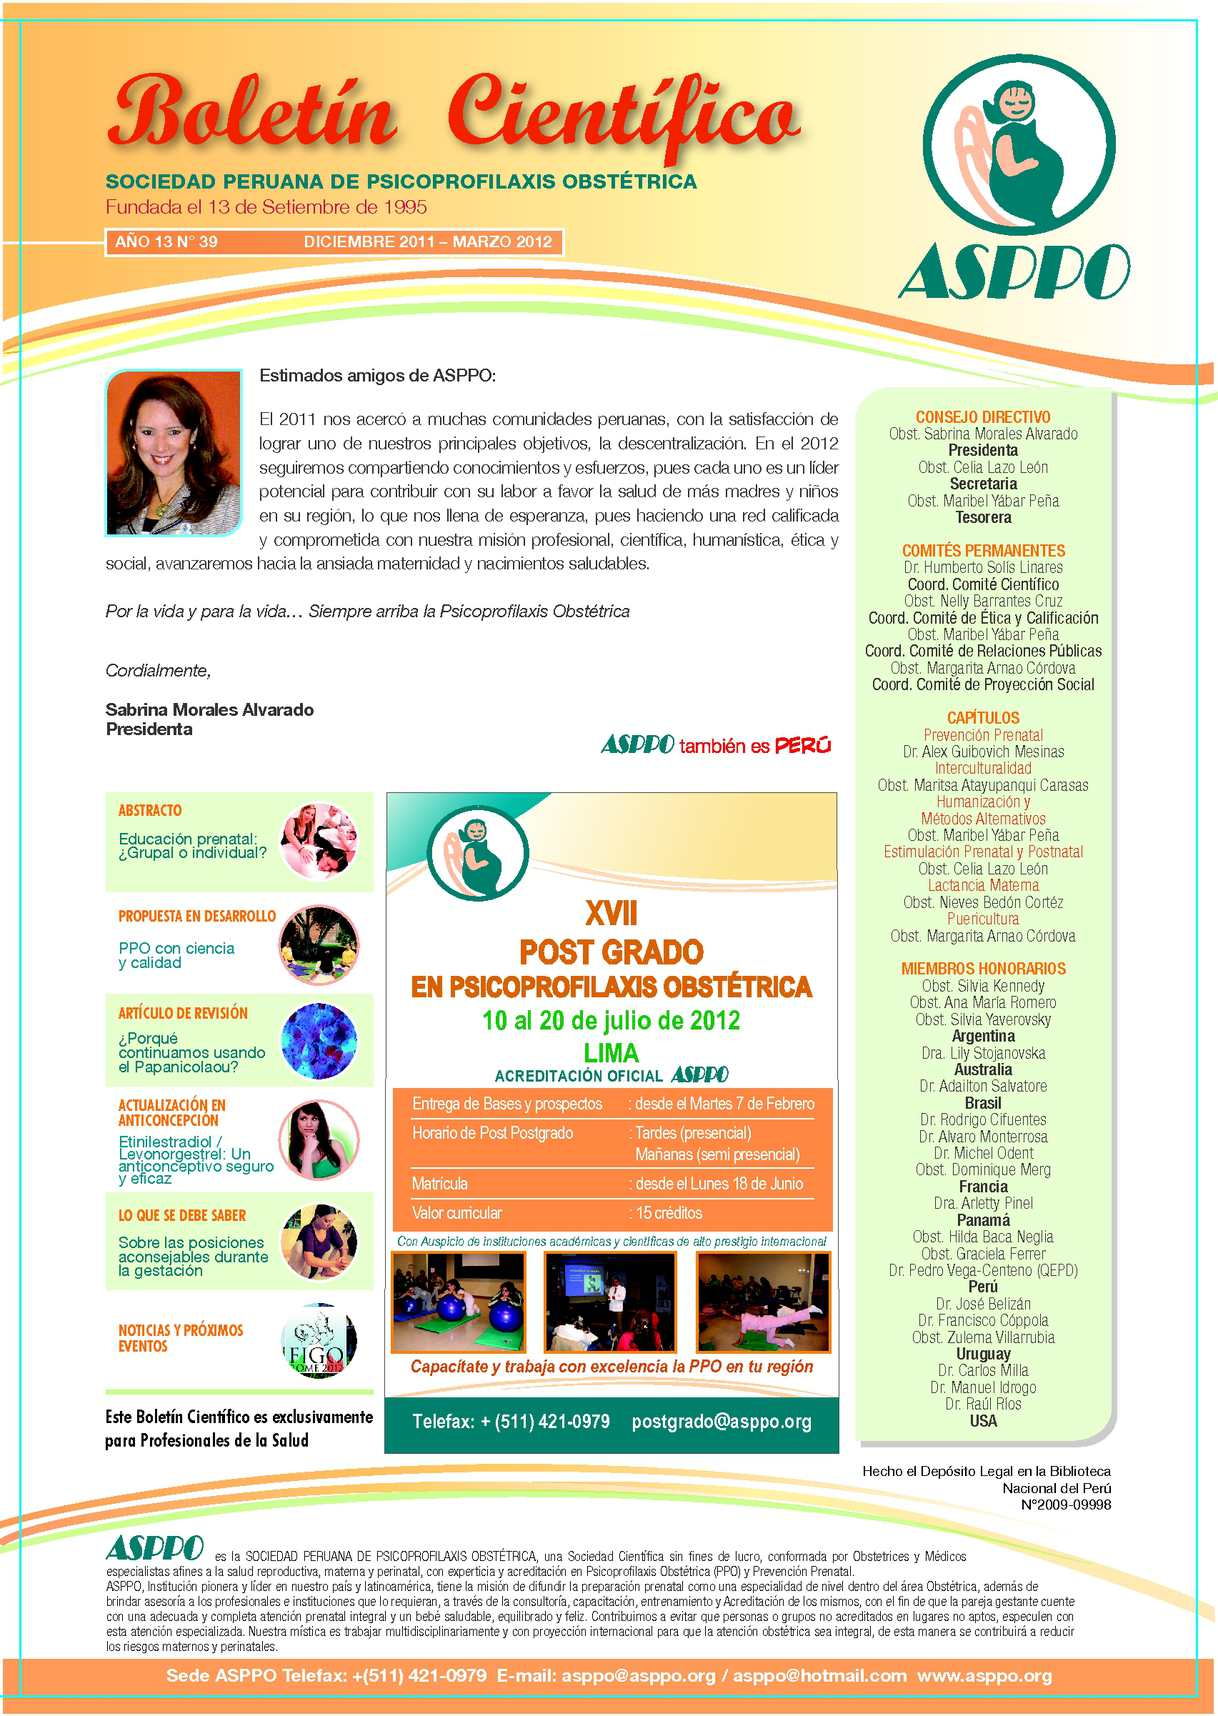 8c421875d1 Calaméo - Boletín Científico Año 13 N° 39 Diciembre 2011- Marzo 2012